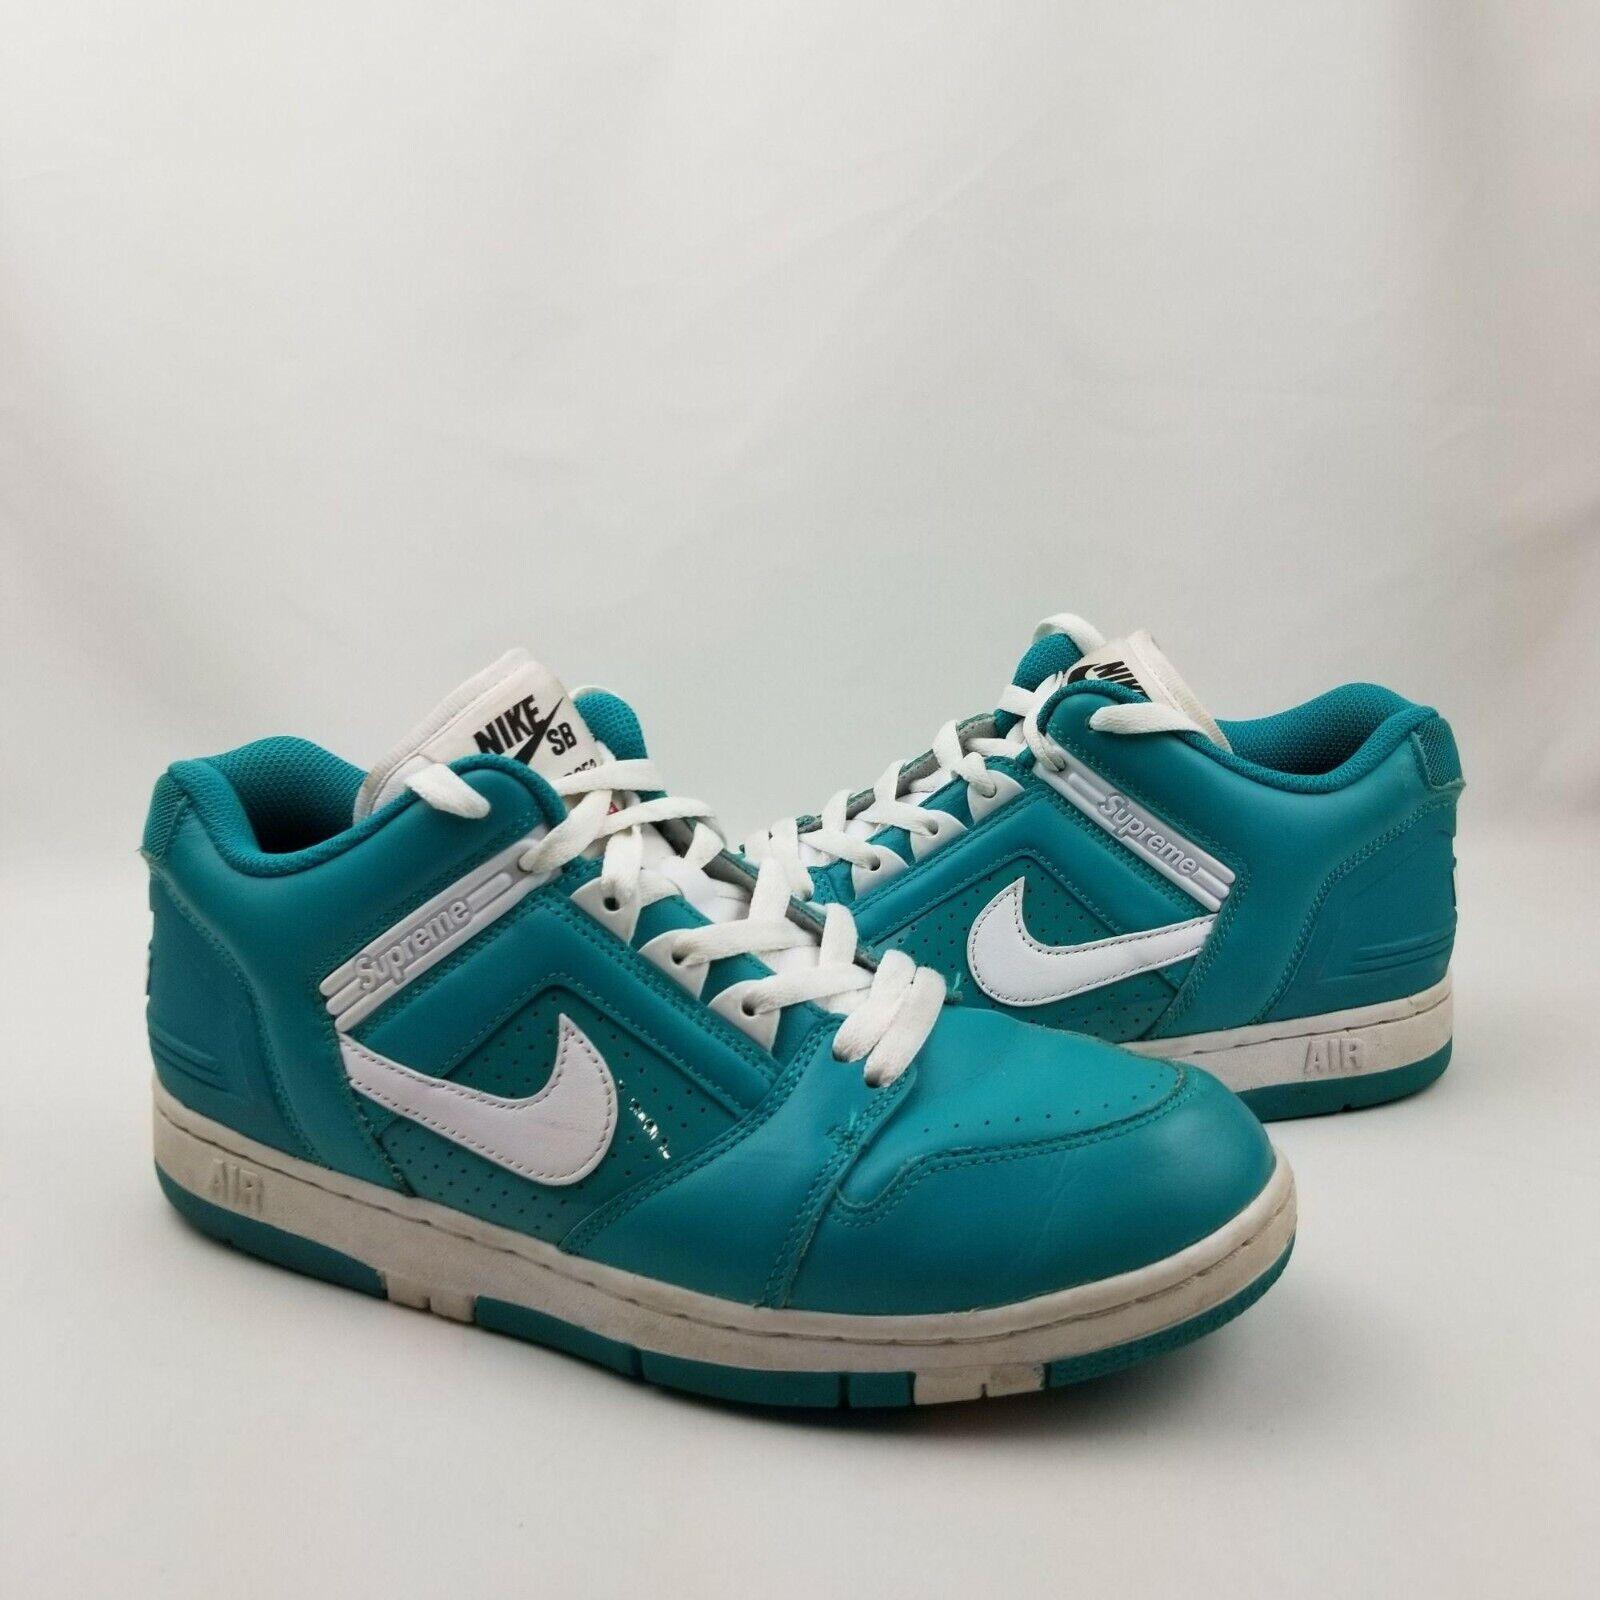 Nike Air Force 2 купить в Америке, лот